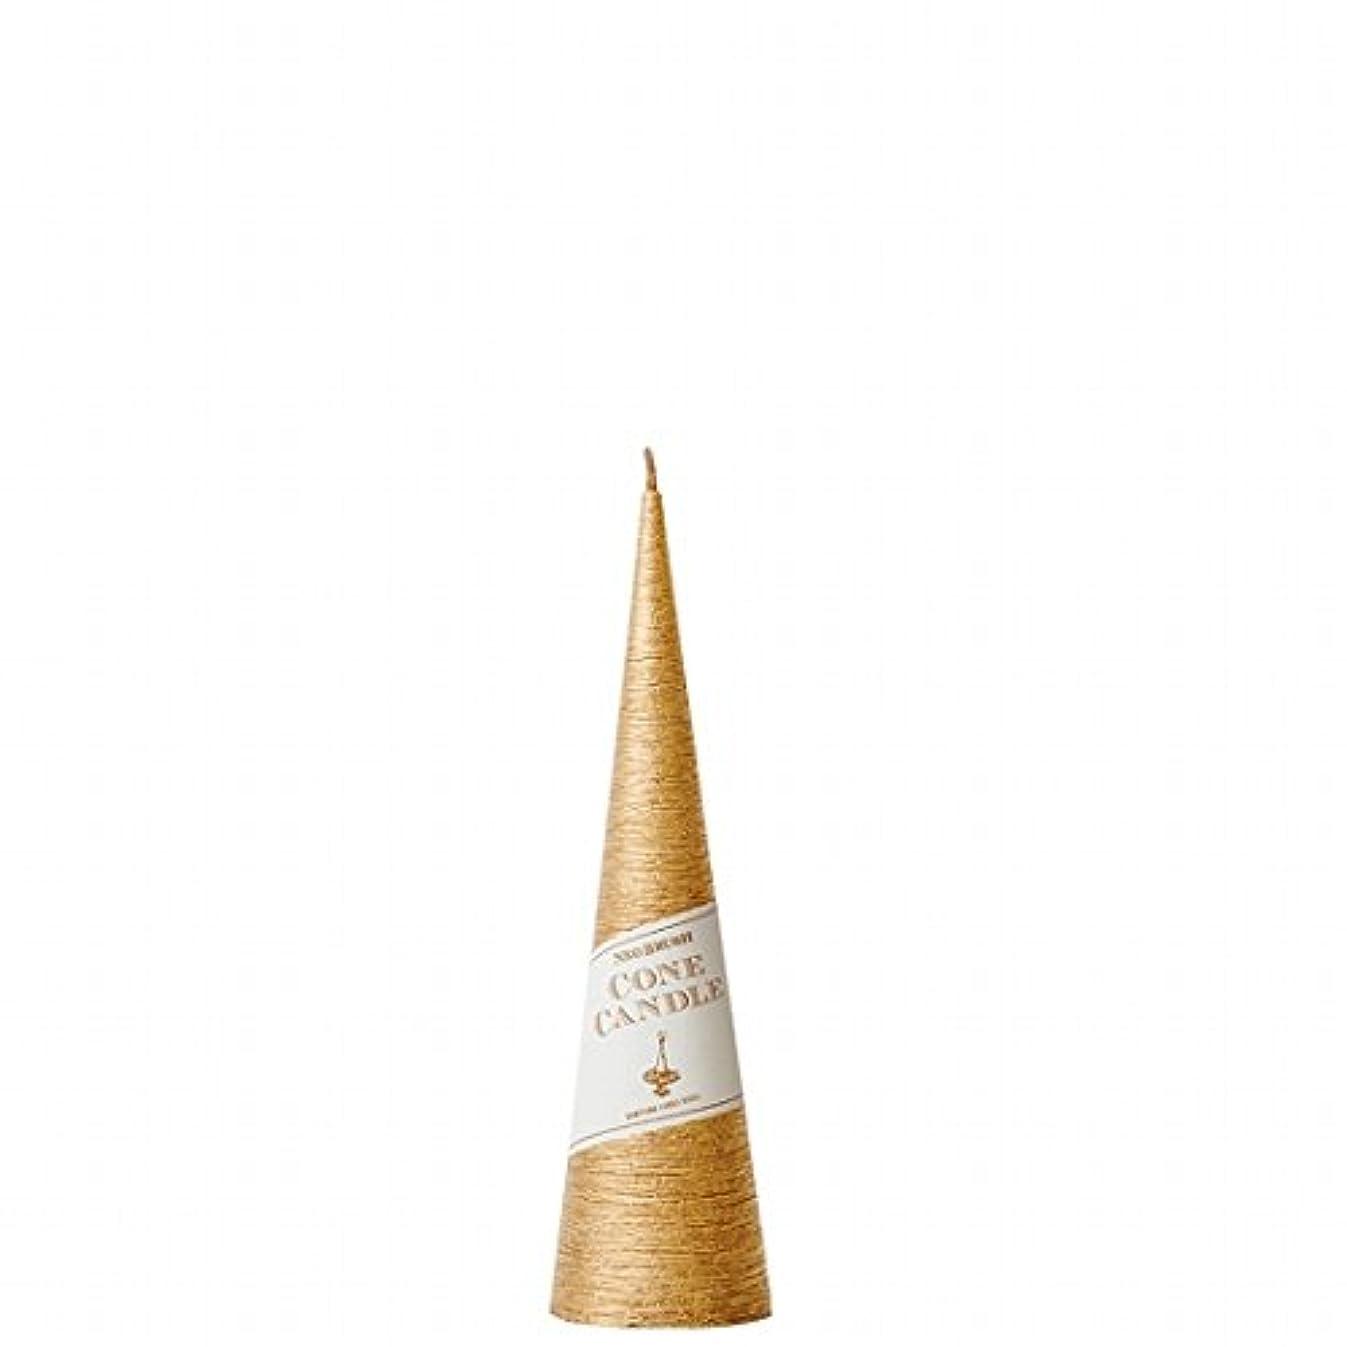 センサーパーティションチューリップkameyama candle(カメヤマキャンドル) ネオブラッシュコーン 180 キャンドル 「 ゴールド 」 6個セット(A9750110GO)